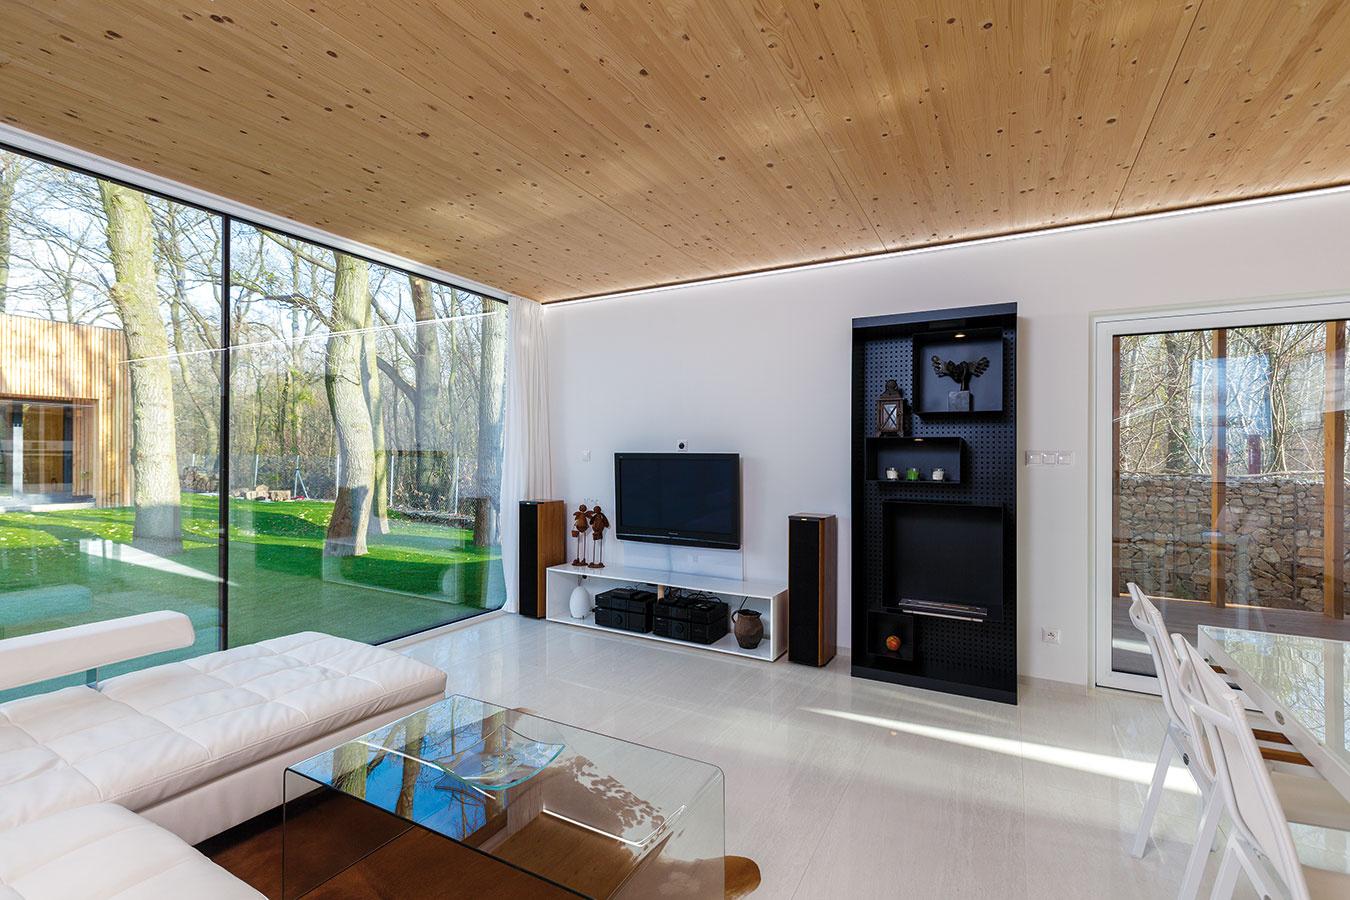 Drevený strop pôsobí ako protipól k bielej gresovej podlahe. Interiér tak získal teplejší dojem.